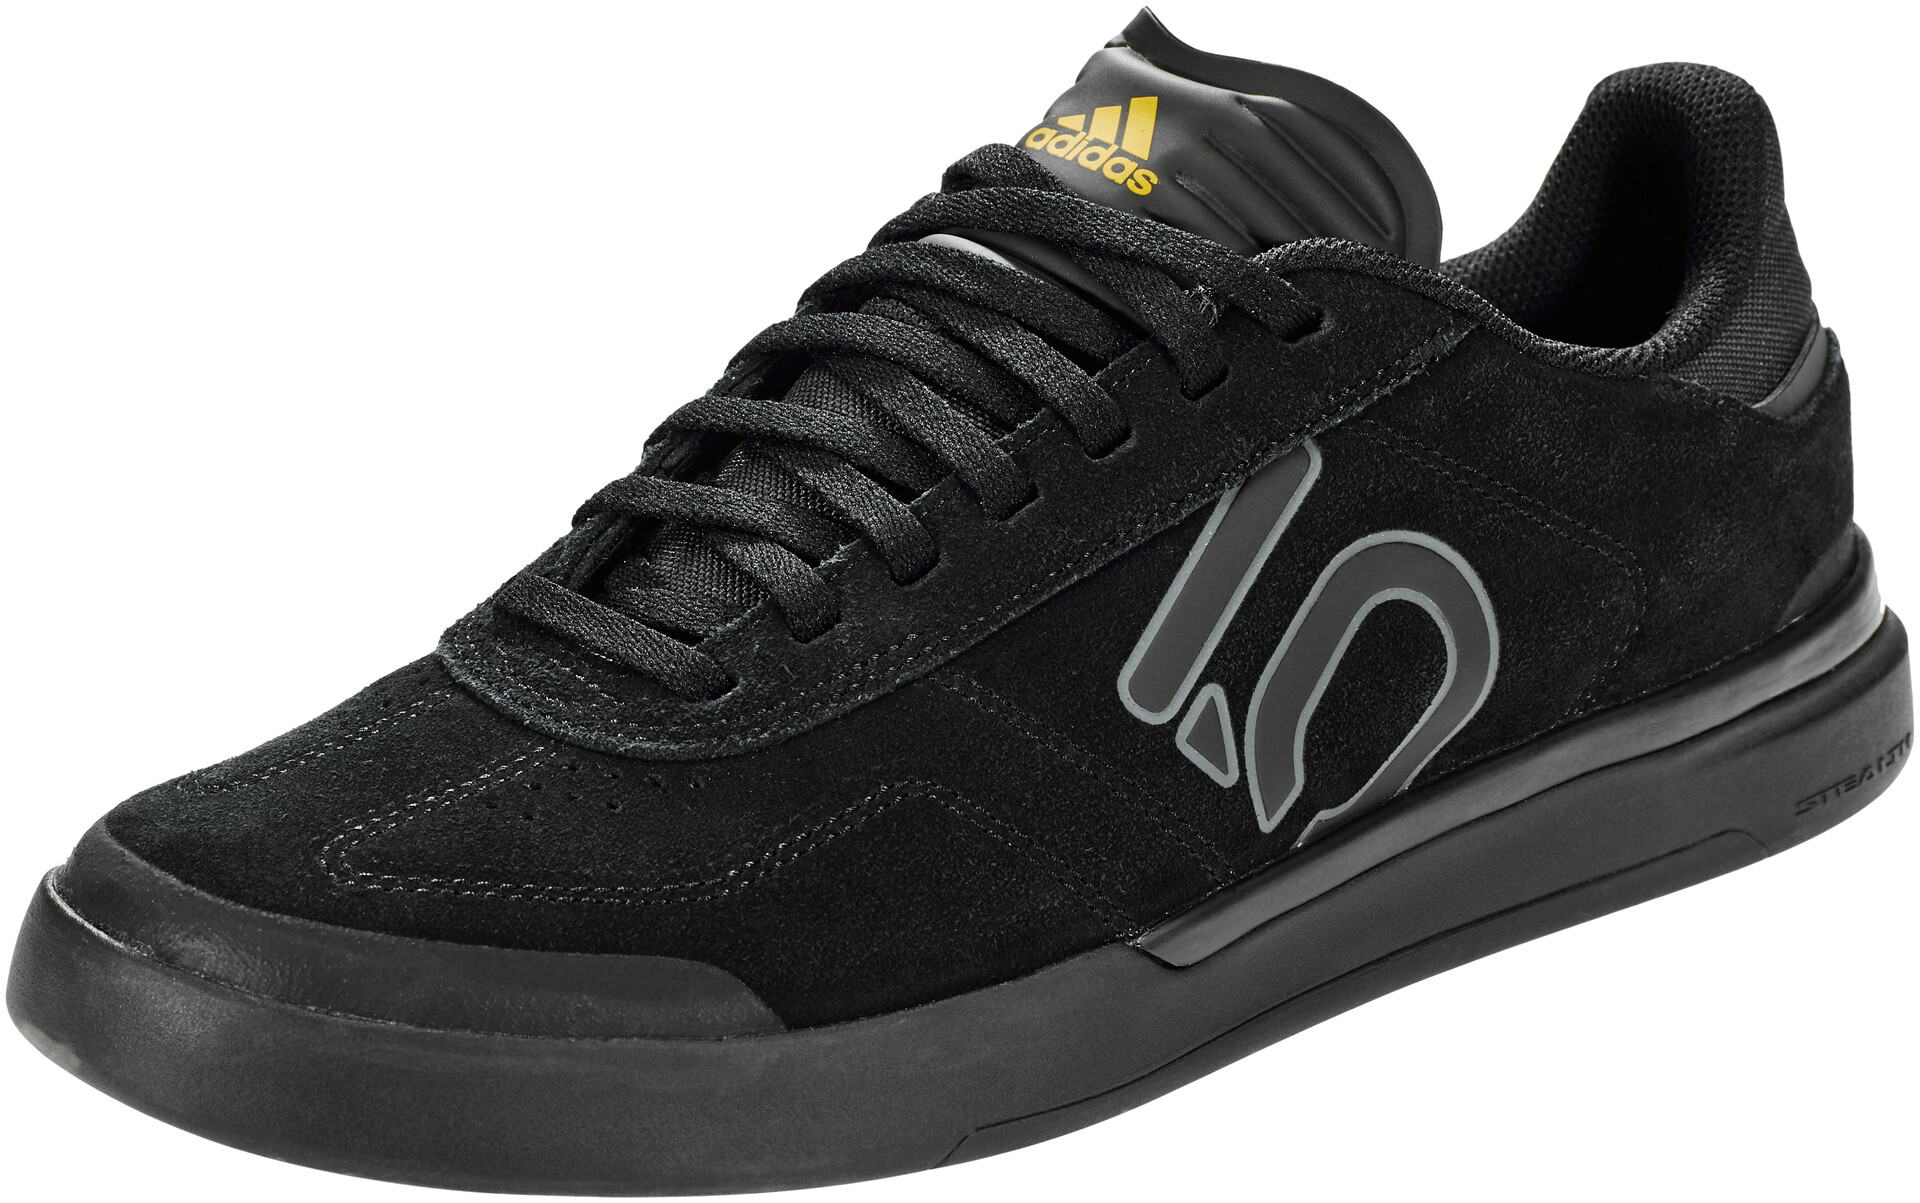 adidas Five Ten Sleuth DLX Chaussures pour VTT Femme, core blackgrey sixmatte gold